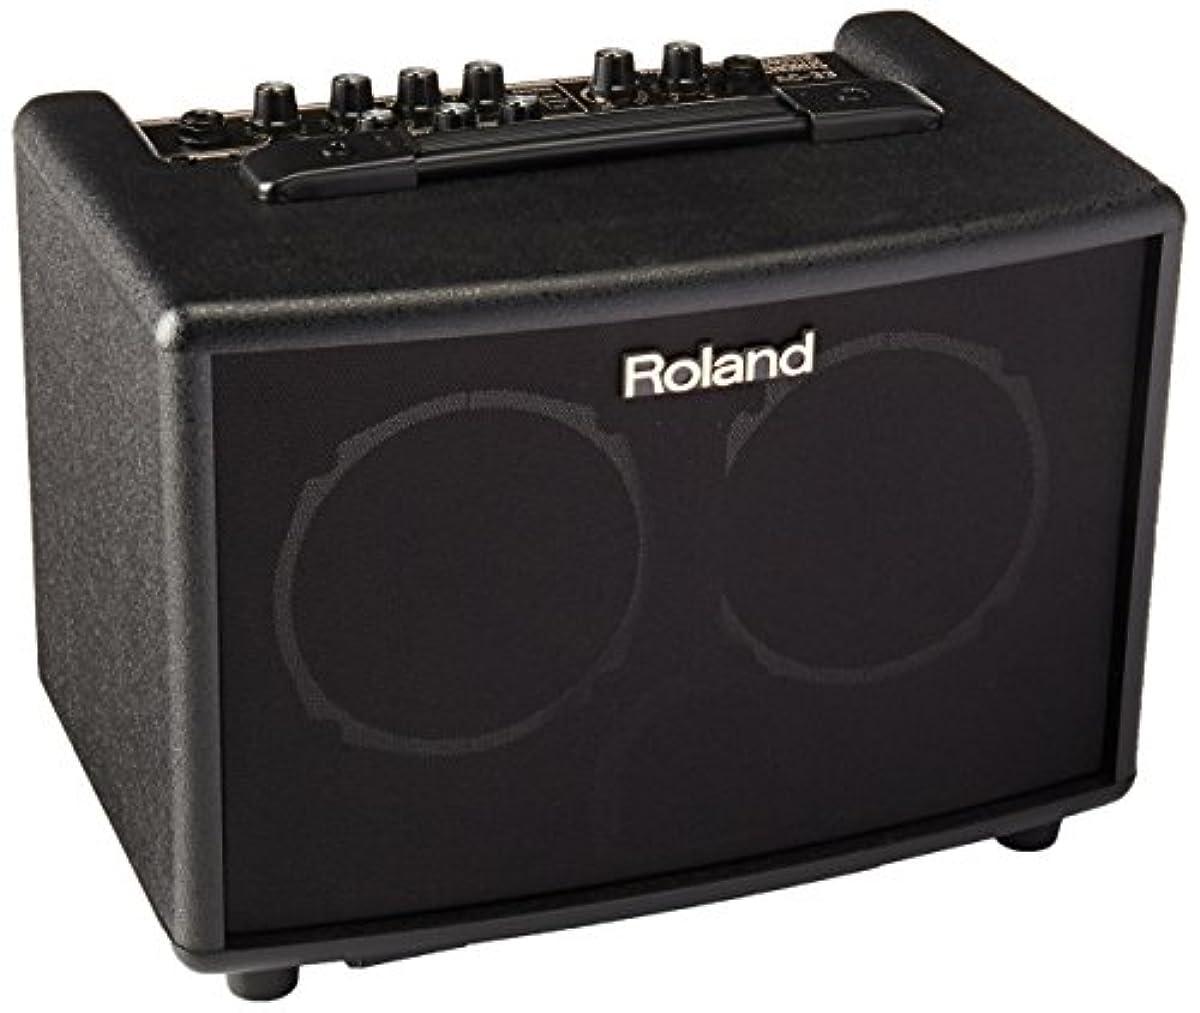 [해외] ROLAND 로랜드 어쿠스틱(통기타) 기타 앰프 15W+15W 블랙 AC-33